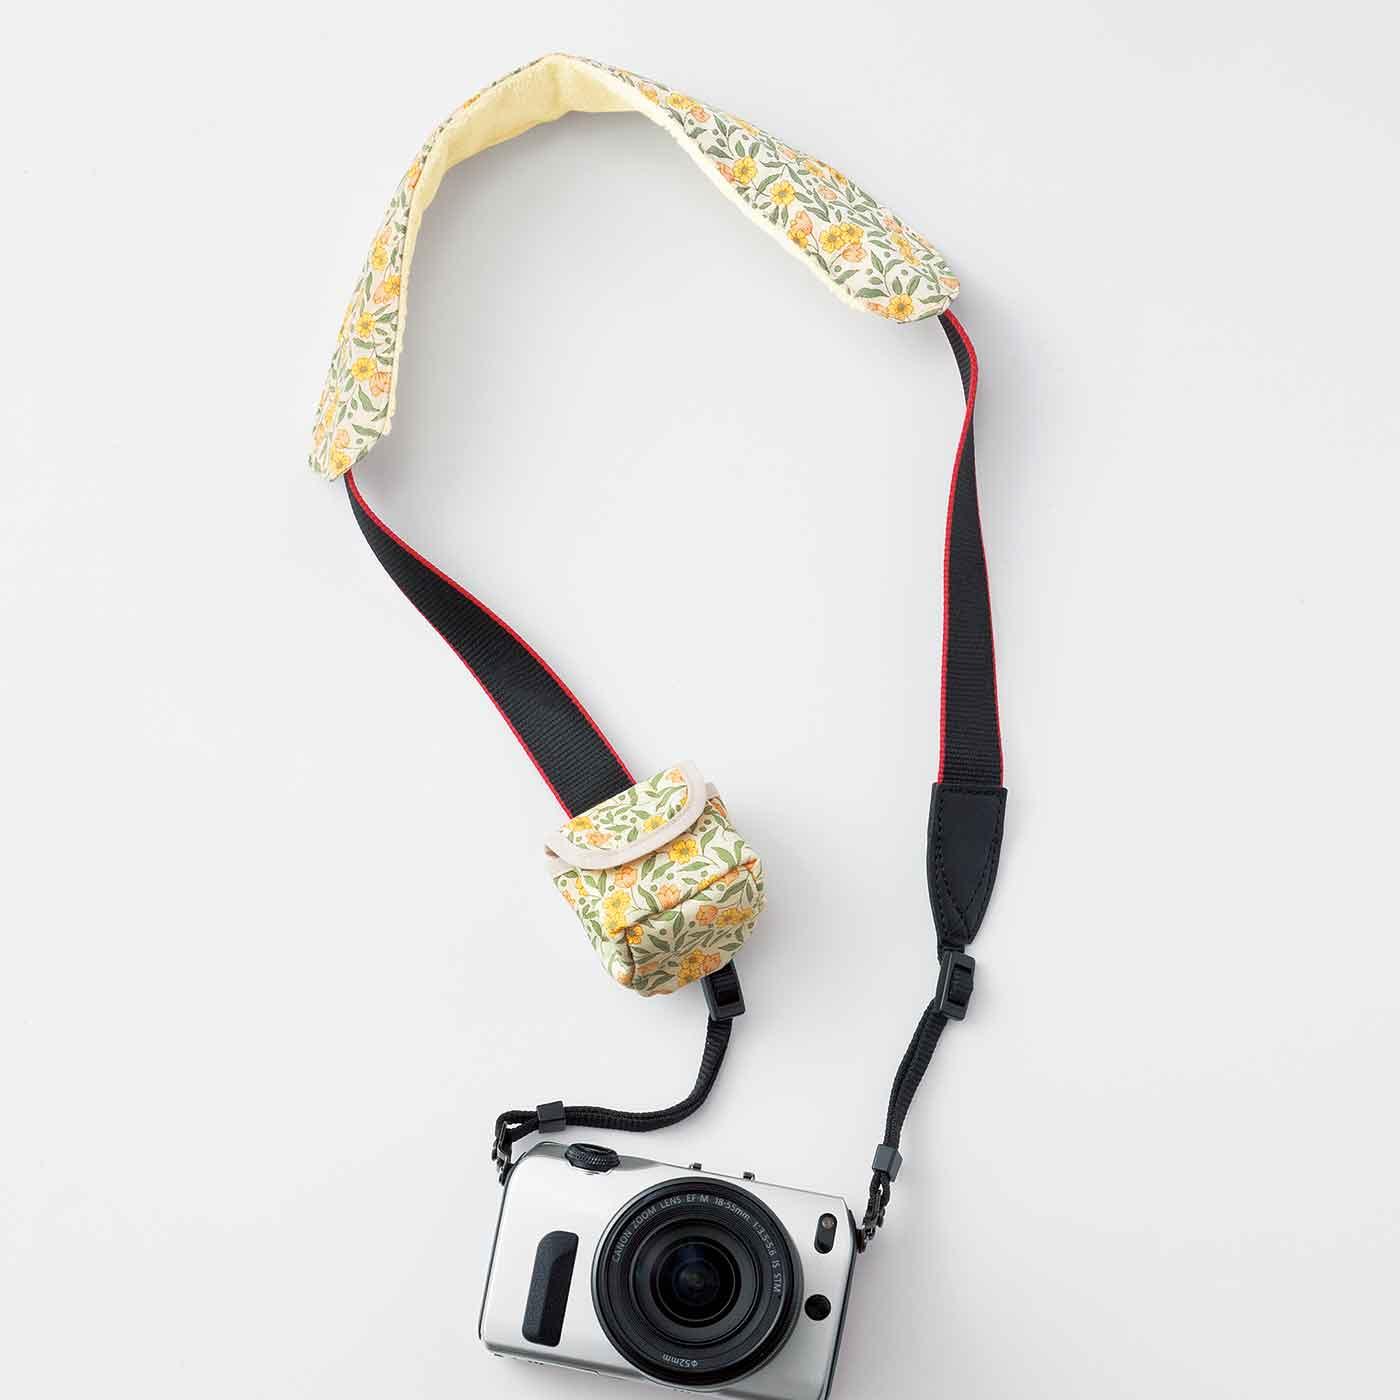 ※カメラ・ネックカバーはお届けに含まれません。